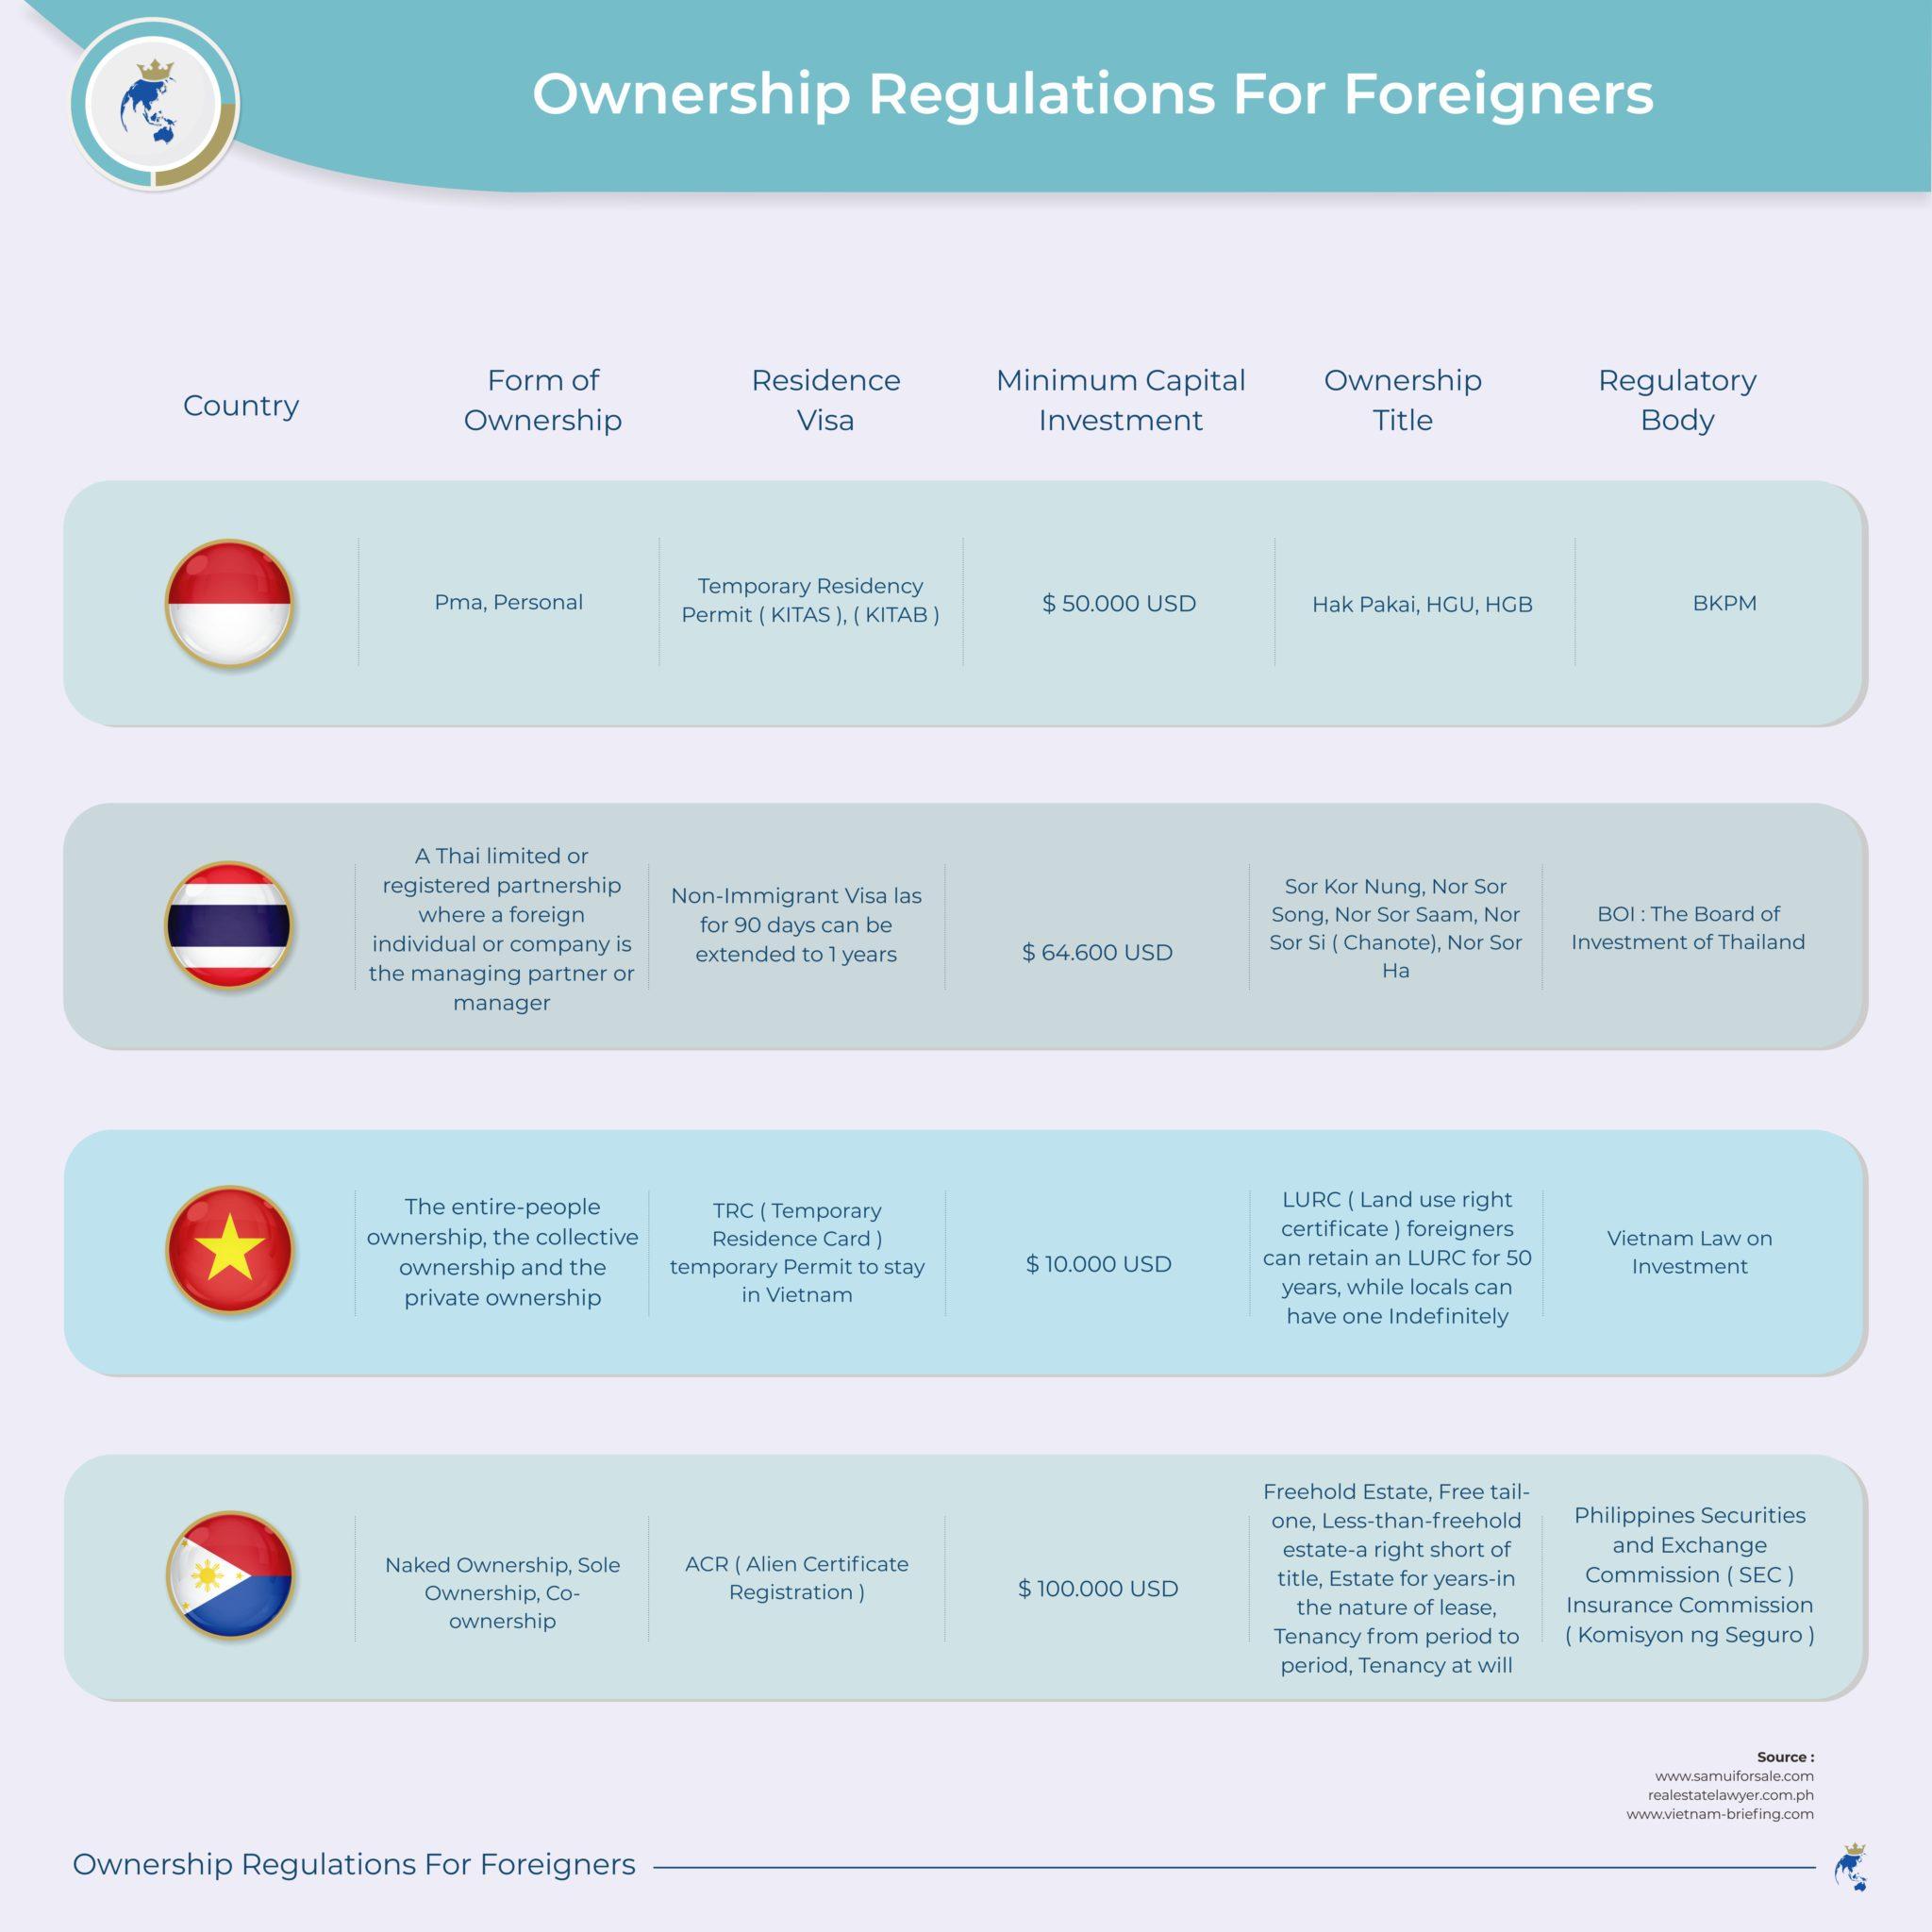 Ownership regulation